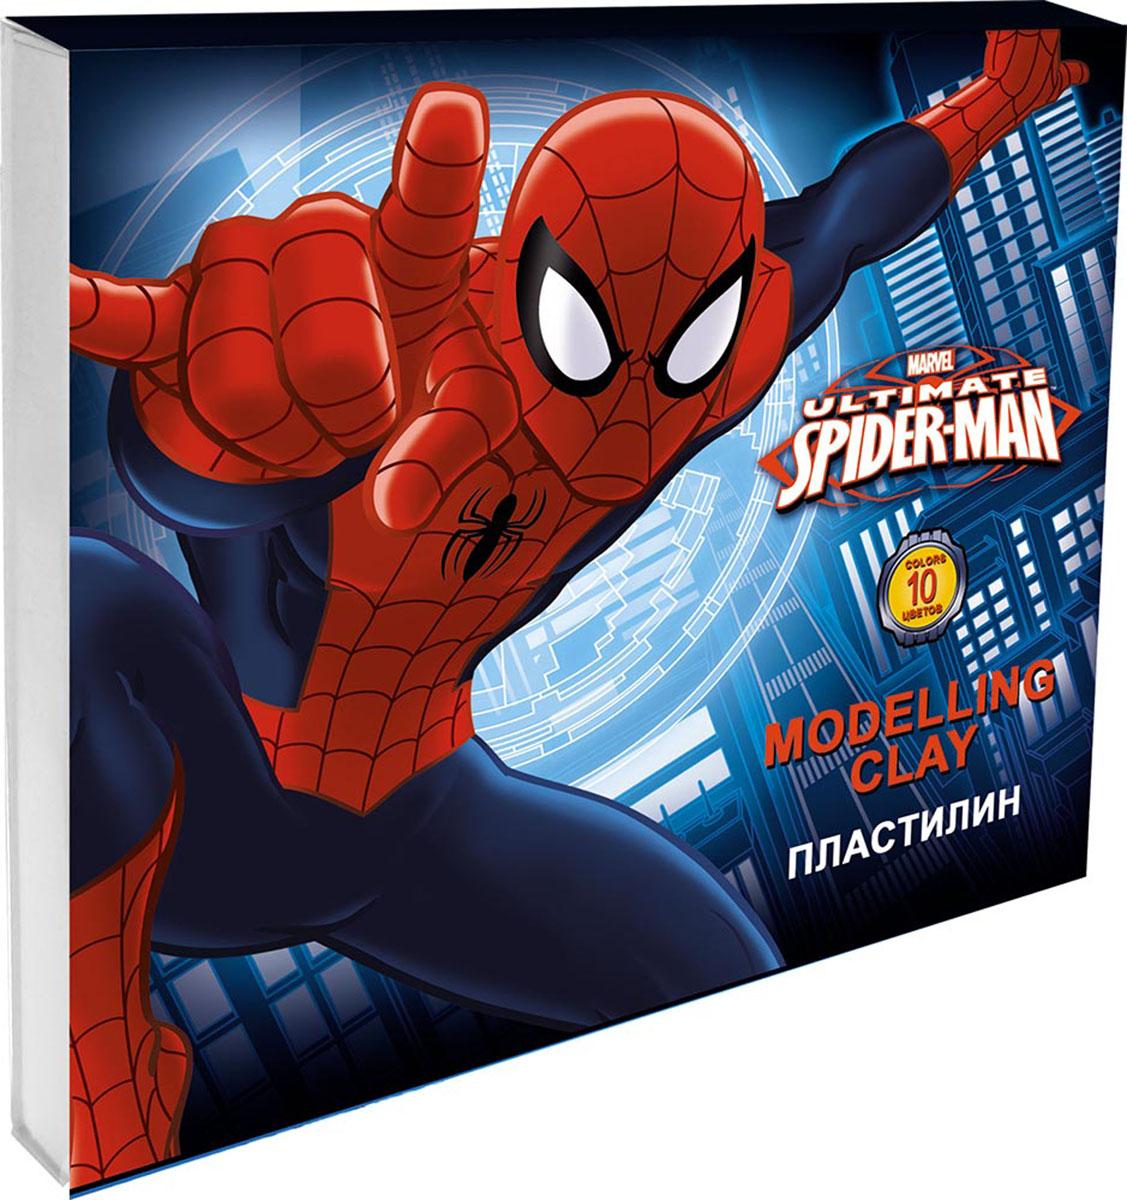 Пластилин Spider-Man, 10 цветовSMBB-US2-PSC-BOX10Пластилин Spider-Man - это отличная возможность познакомить ребенка с еще одним из видов изобразительного творчества, в котором создаются объемные образы и целые композиции.В набор входит пластилин 10 ярких цветов (белый, желтый, красный, розовый, синий, голубой, темно-зеленый, черный, светло-зеленый, коричневый) и пластиковый стек.Цвета пластилина легко смешиваются между собой, и таким образом можно получить новые оттенки. Пластилин имеет яркие, красочные цвета и не липнет к рукам.Техника лепки богата и разнообразна, но при этом доступна даже маленьким детям. Занятия лепкой не только увлекательны, но и полезны для ребенка. Они способствуют развитию творческого и пространственного мышления, восприятия формы, фактуры, цвета и веса, развивают воображение и мелкую моторику.